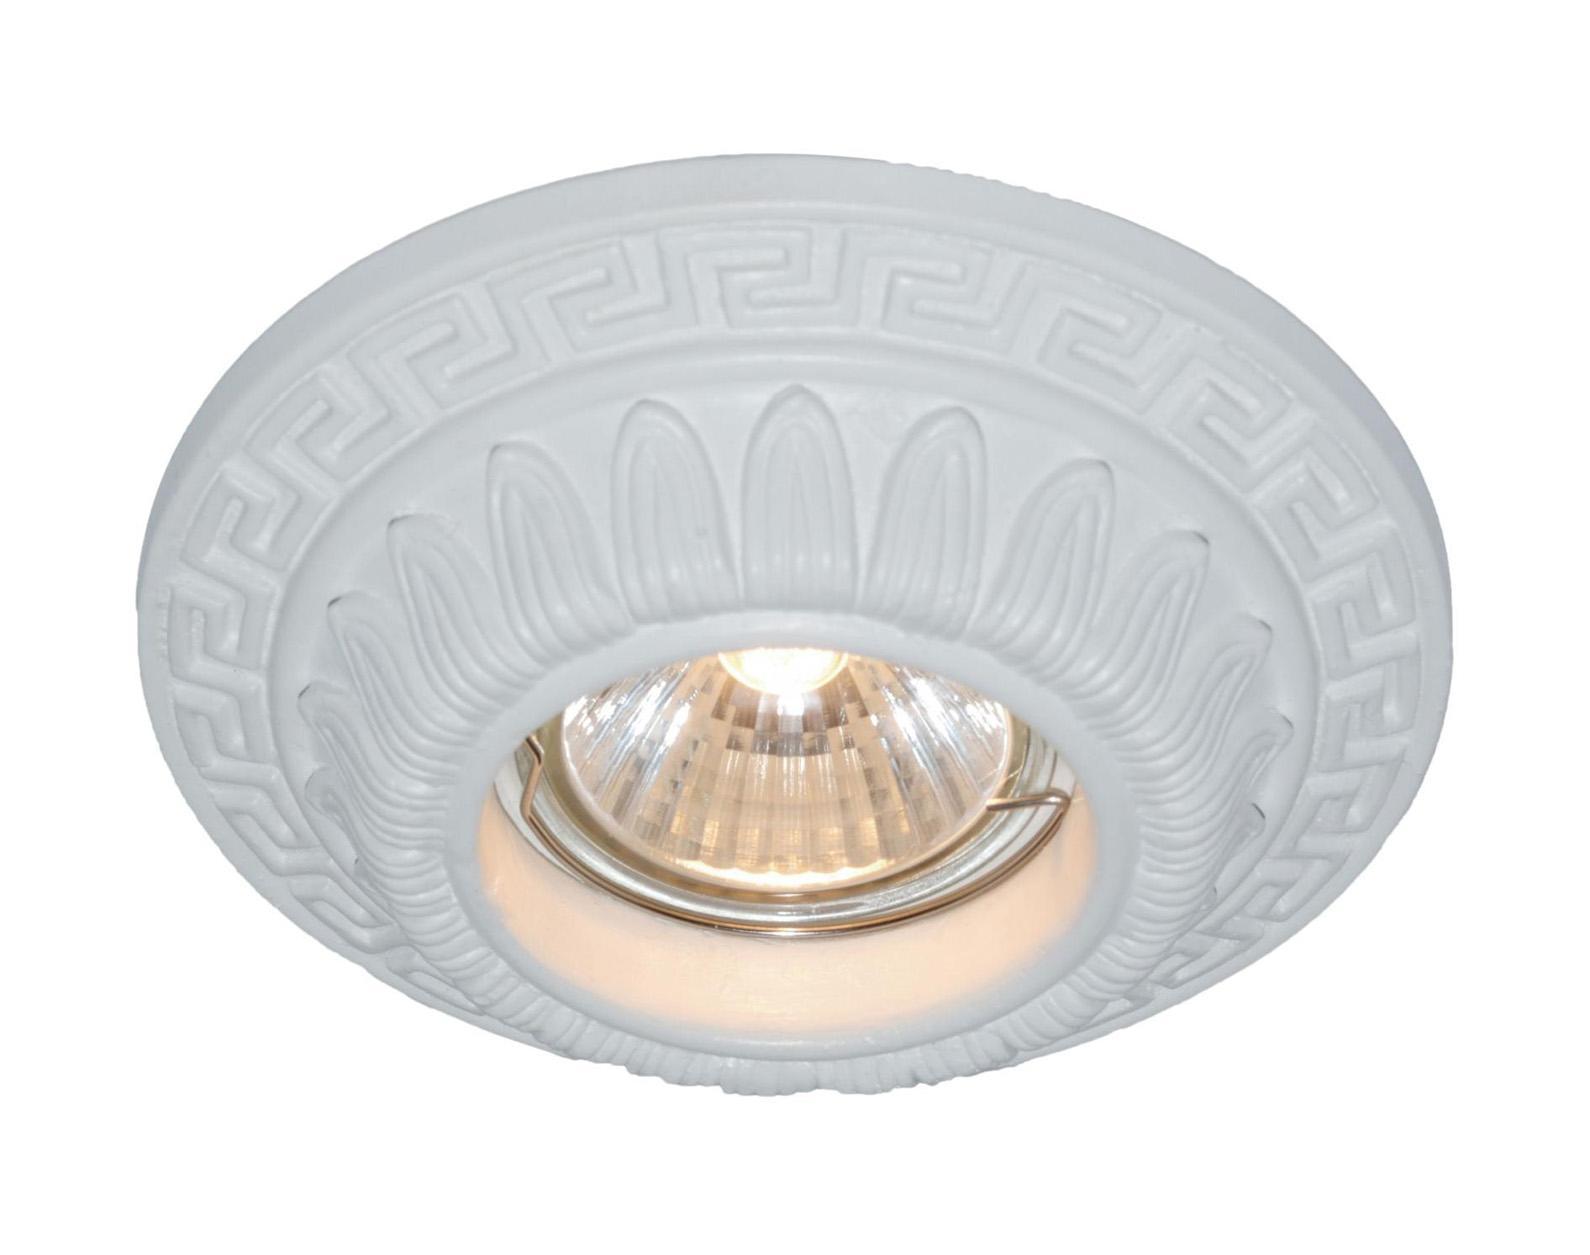 A5073PL-1WH CRATERE Встраиваемый светильникA5073PL-1WH1x50W; патроны GU10 и G5,3 в комплекте; Светильник можно красить Материал: Арматура: Гипс Размер: 120x120x40 Цвет: Белый